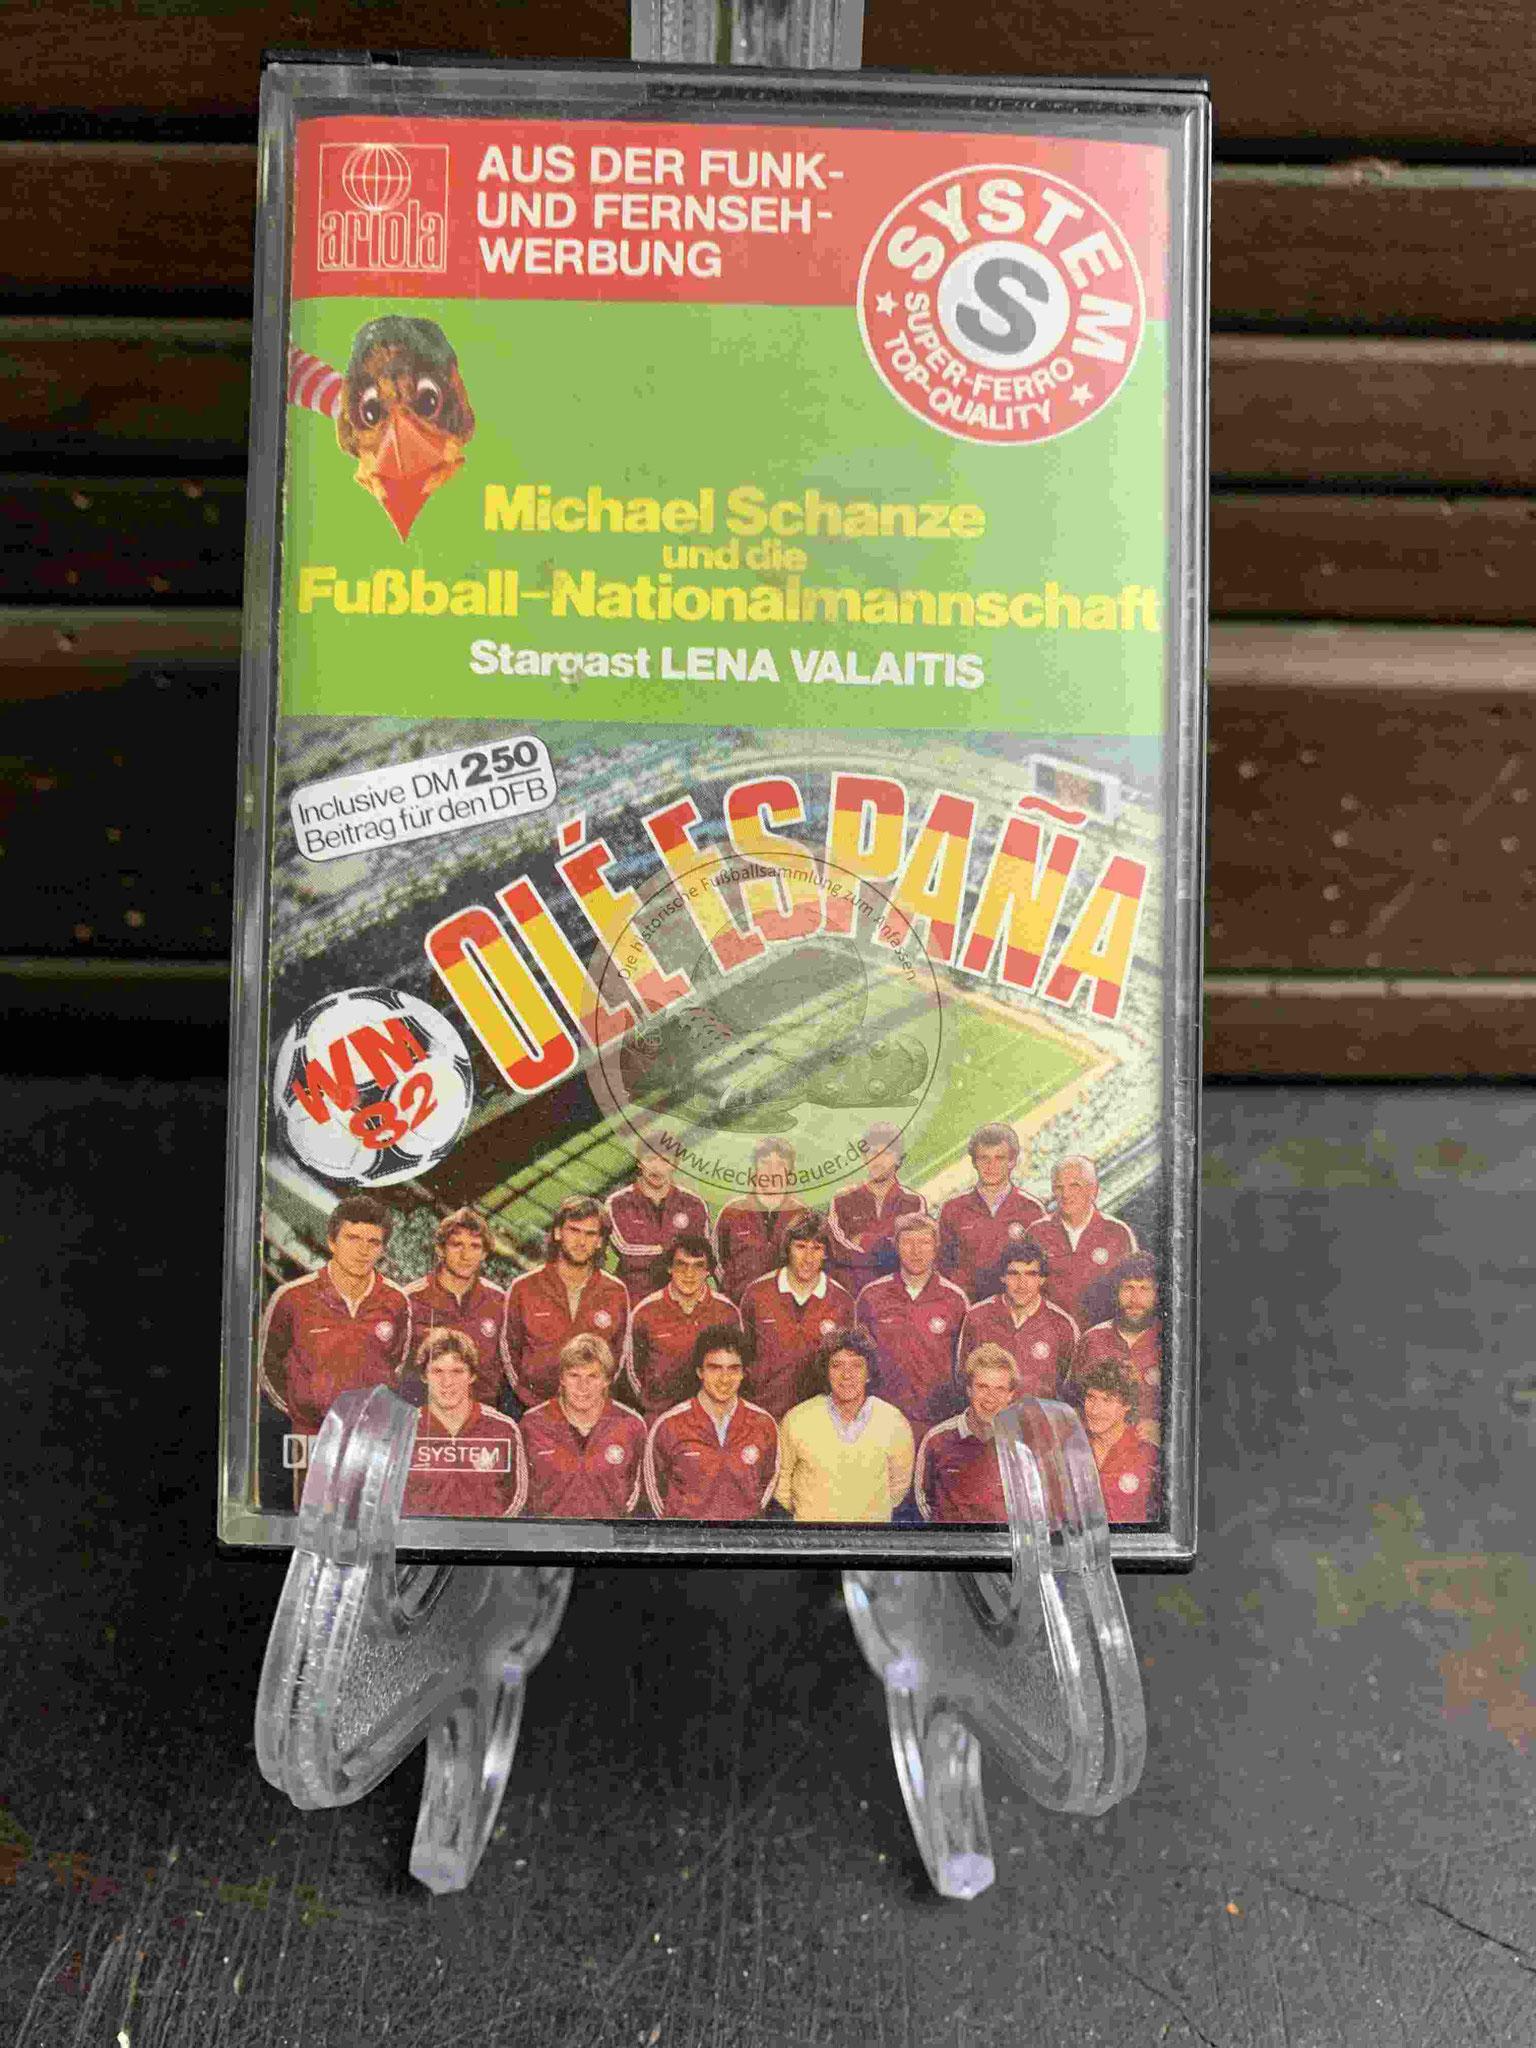 1982 Olé Espana Michael Schanze und die Fußball-Nationalmannschaft